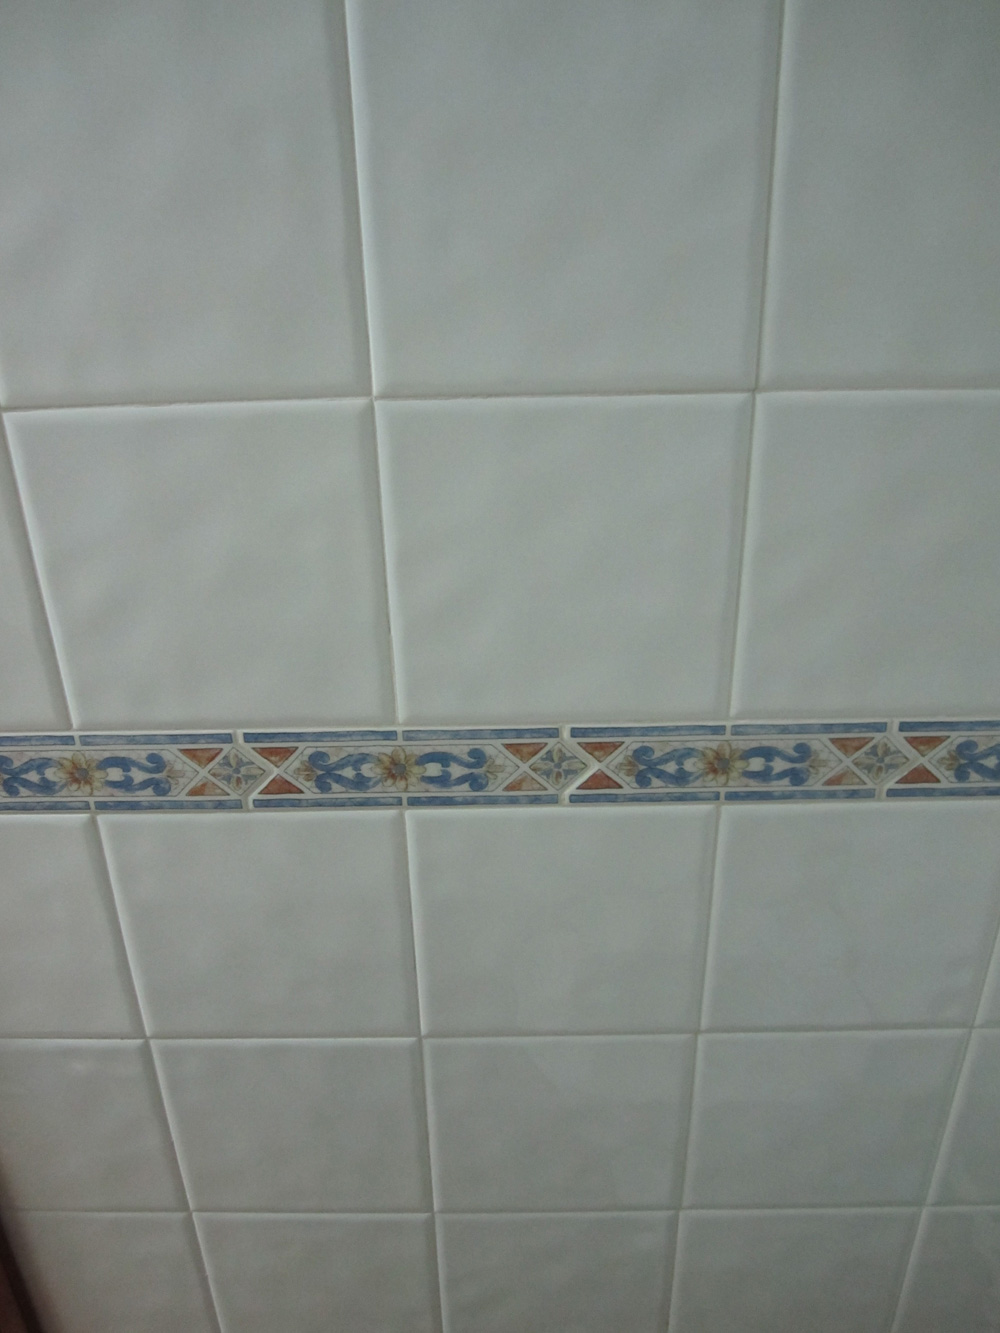 Solados y alicatados eduardo cuevas azulejos - Azulejos blancos ...